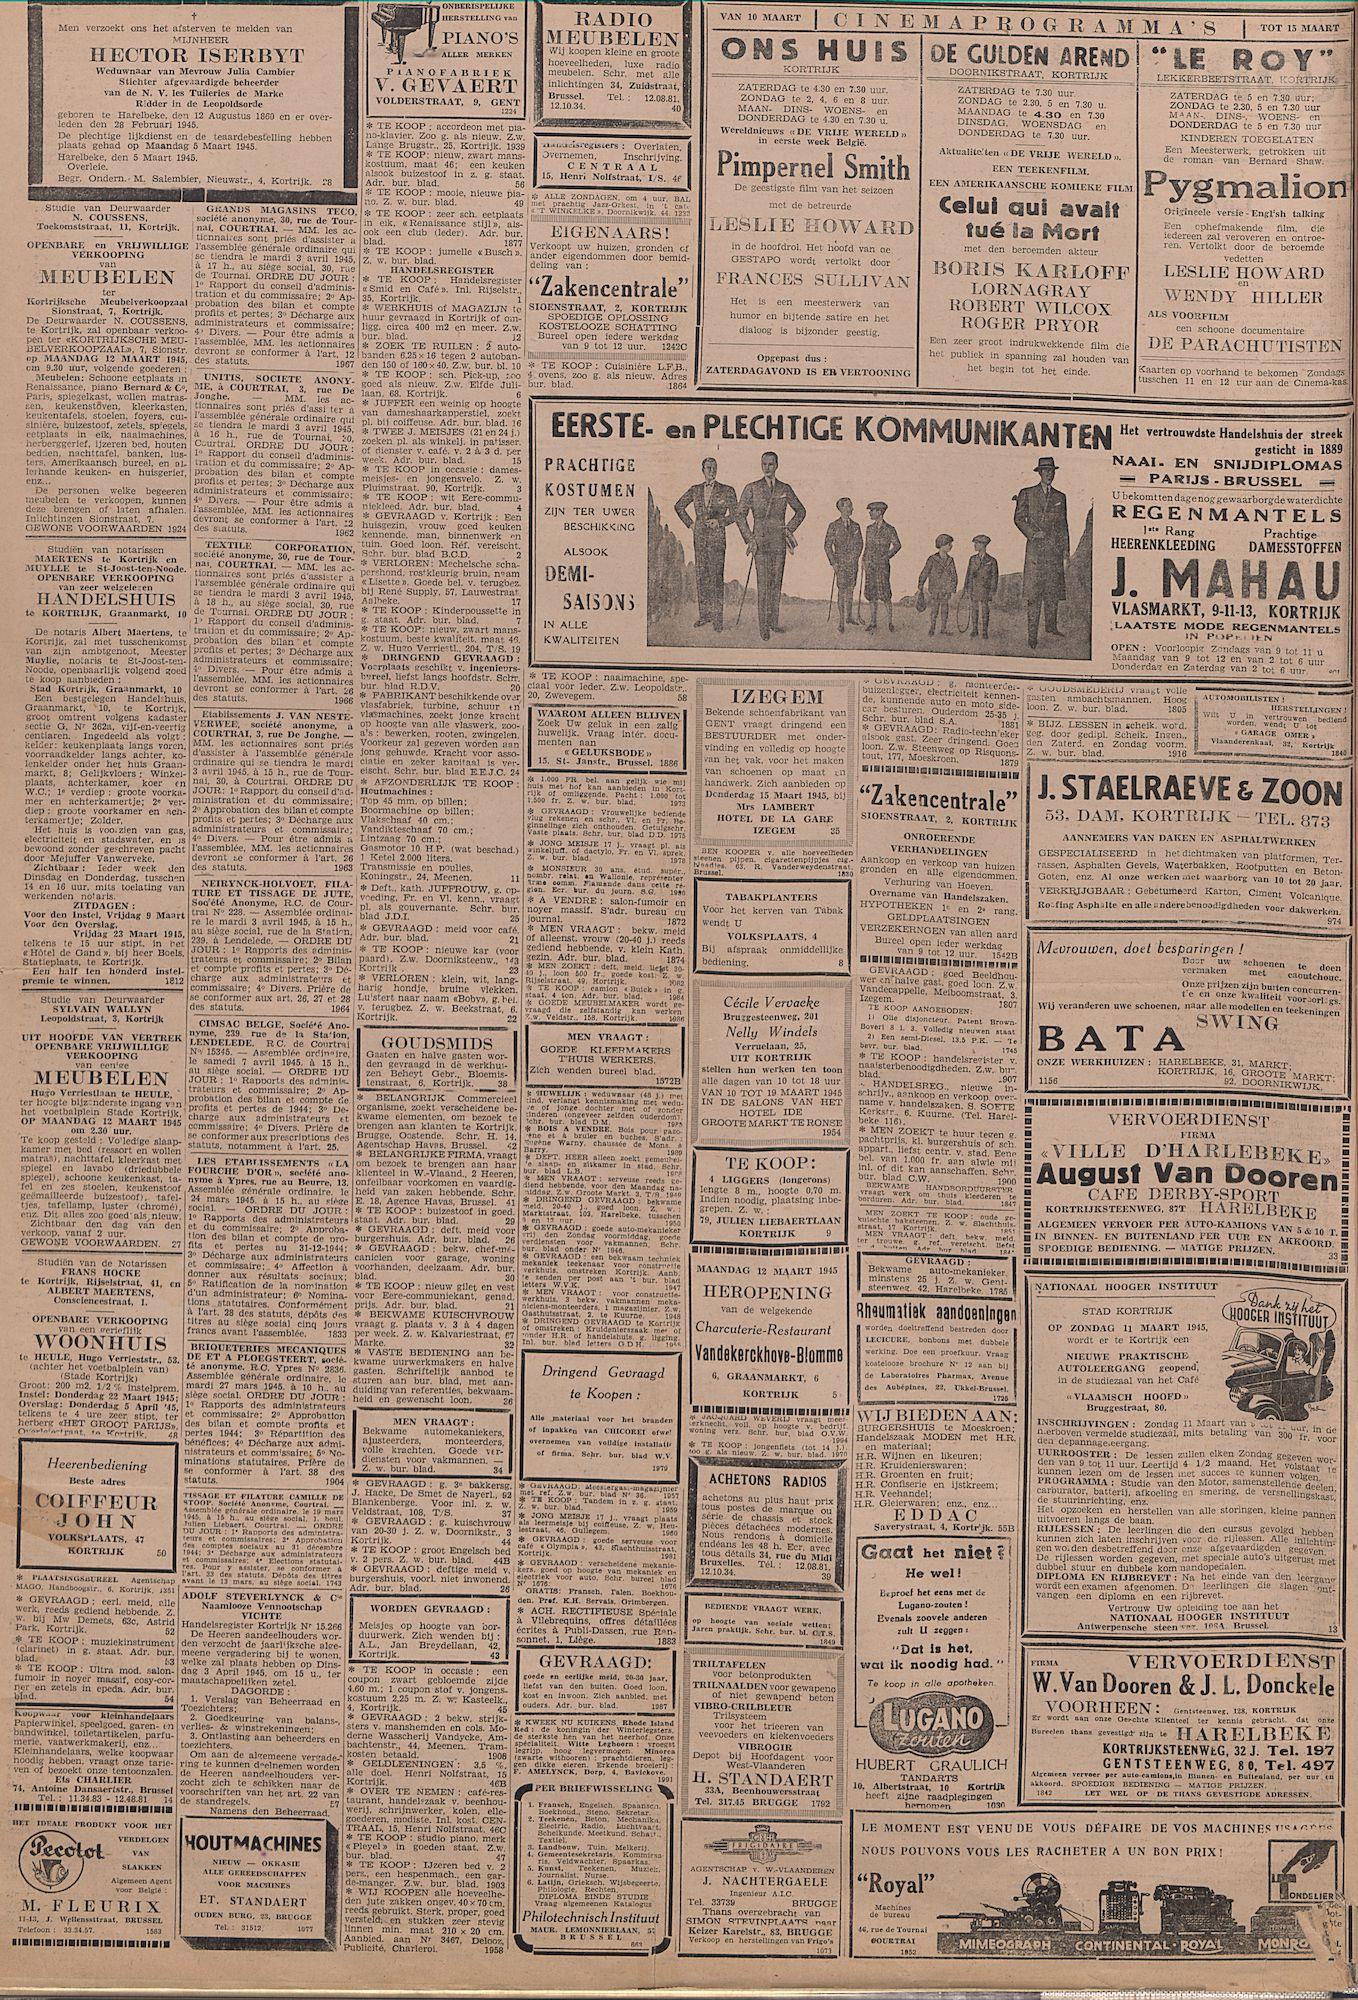 Kortrijksch Handelsblad 10 maart 1945 Nr20 p2